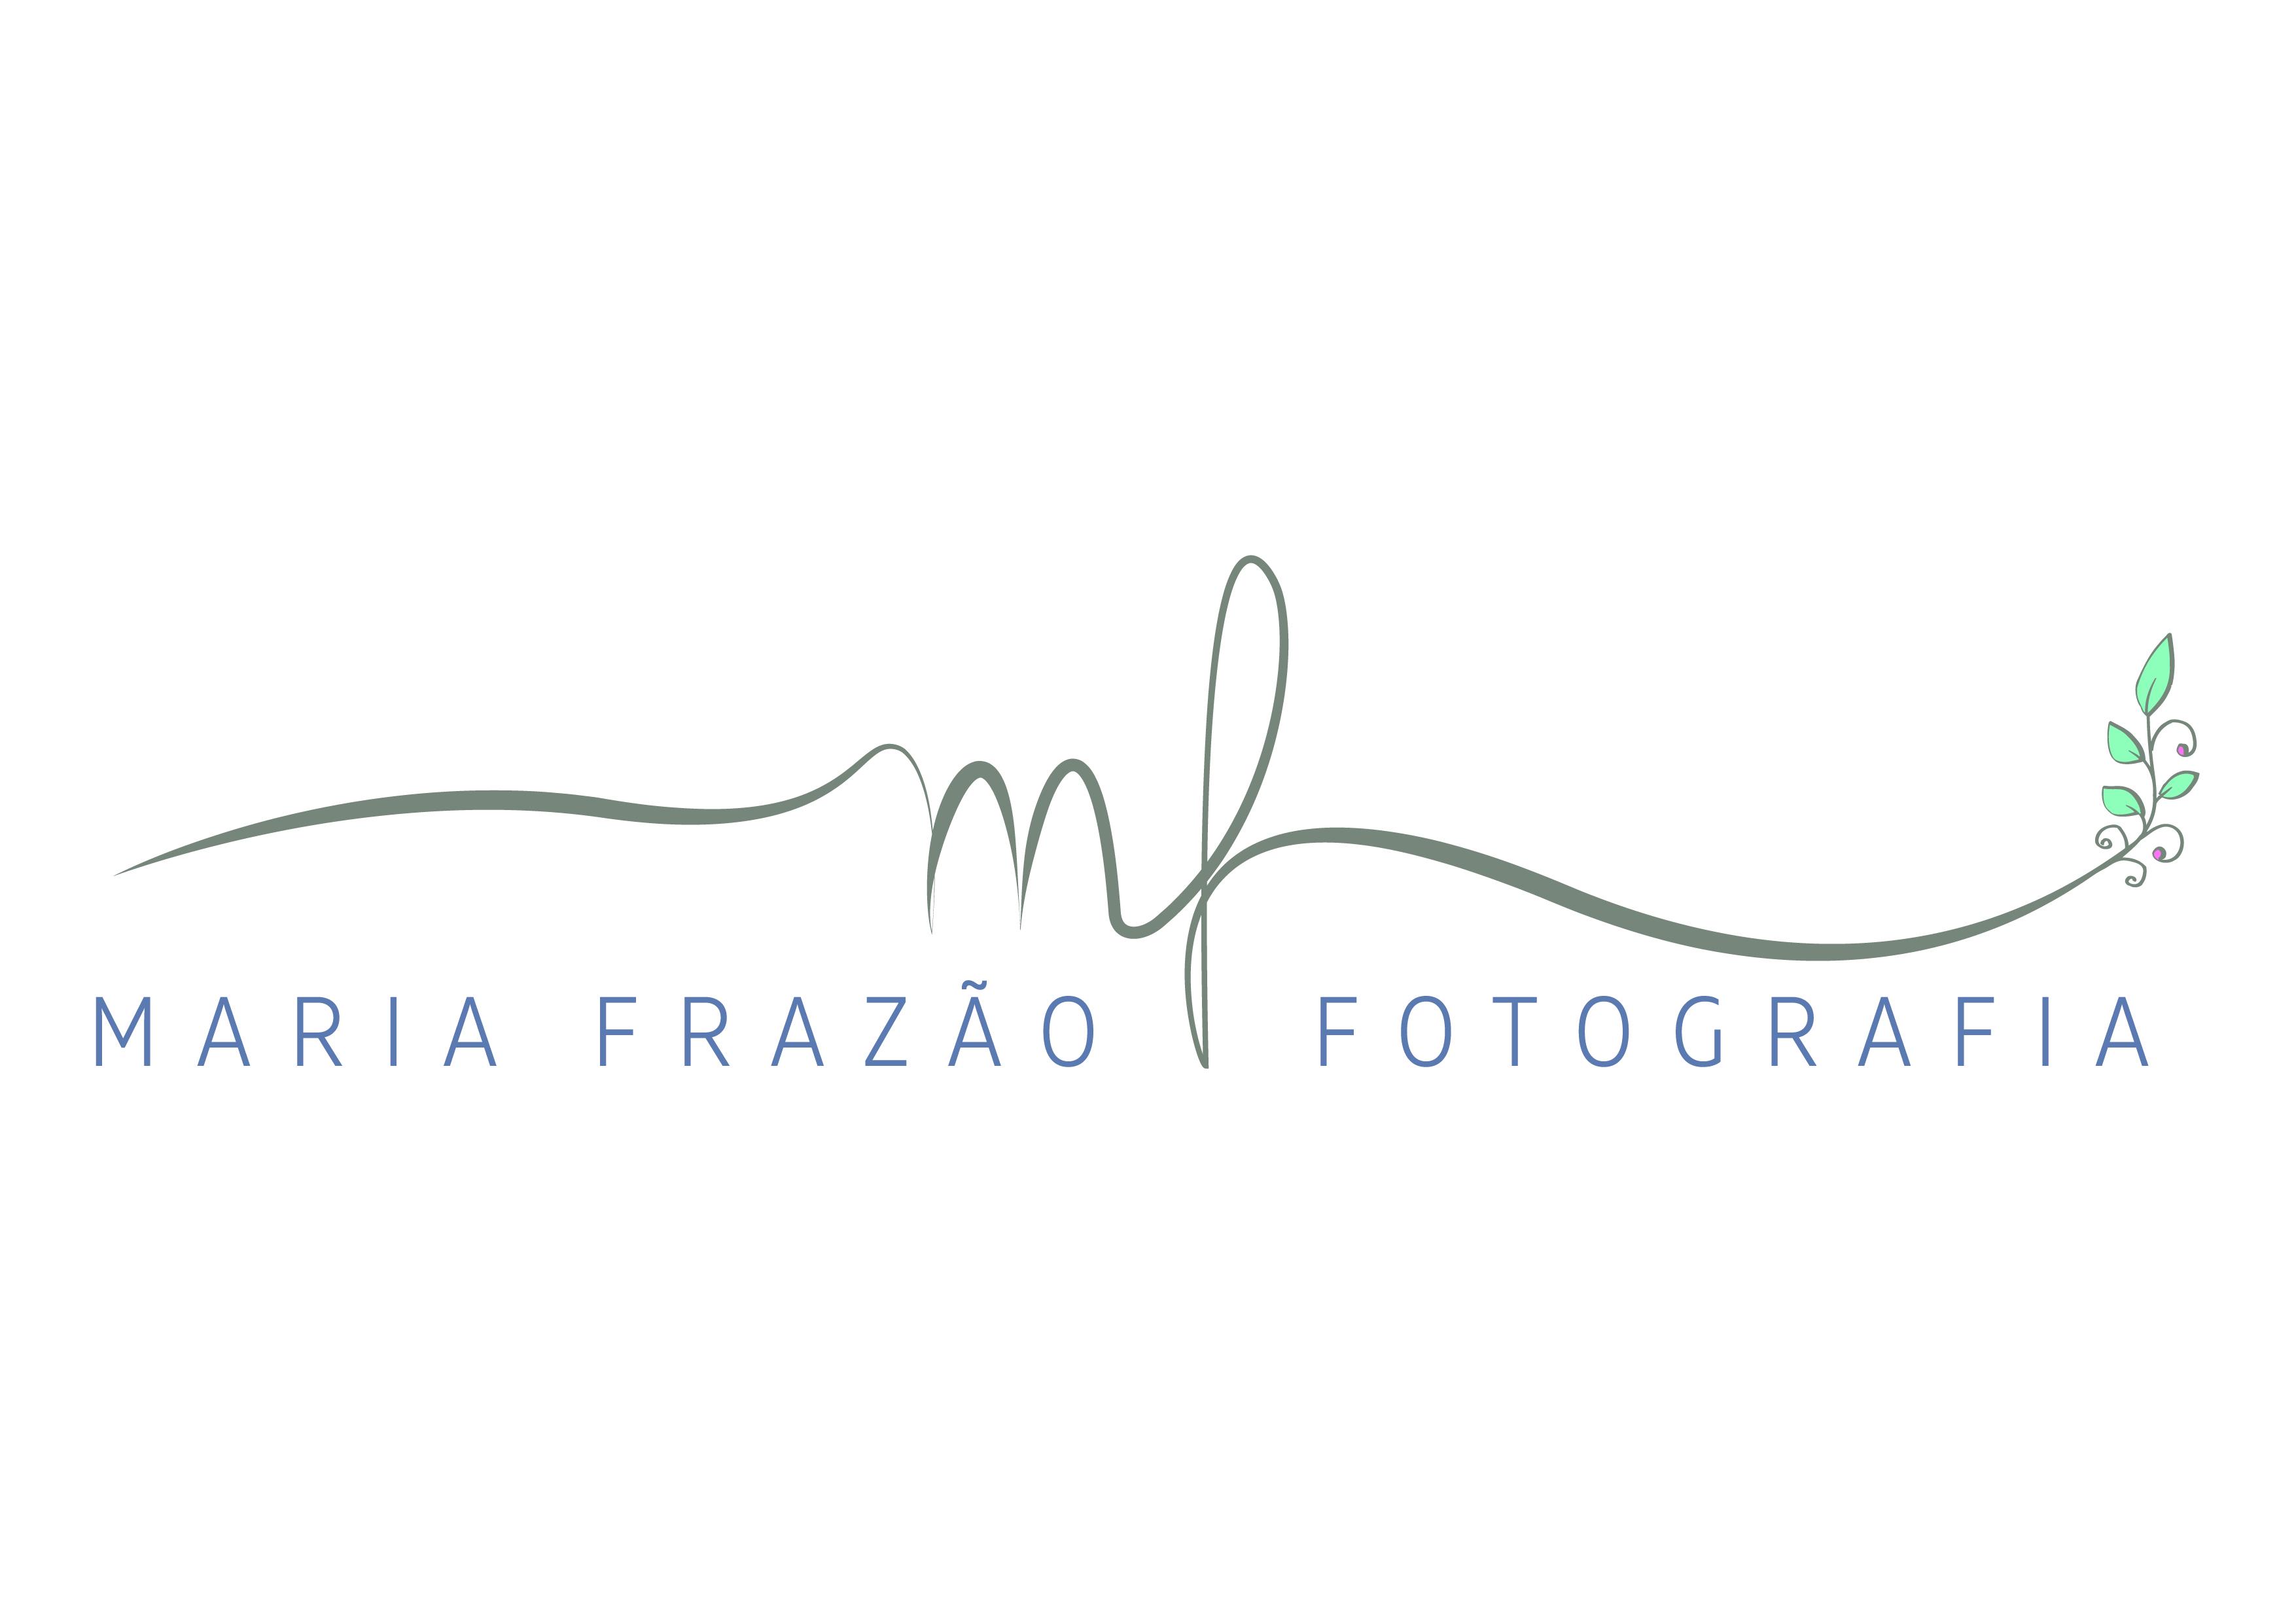 Contate www.mariafrazao.com.br